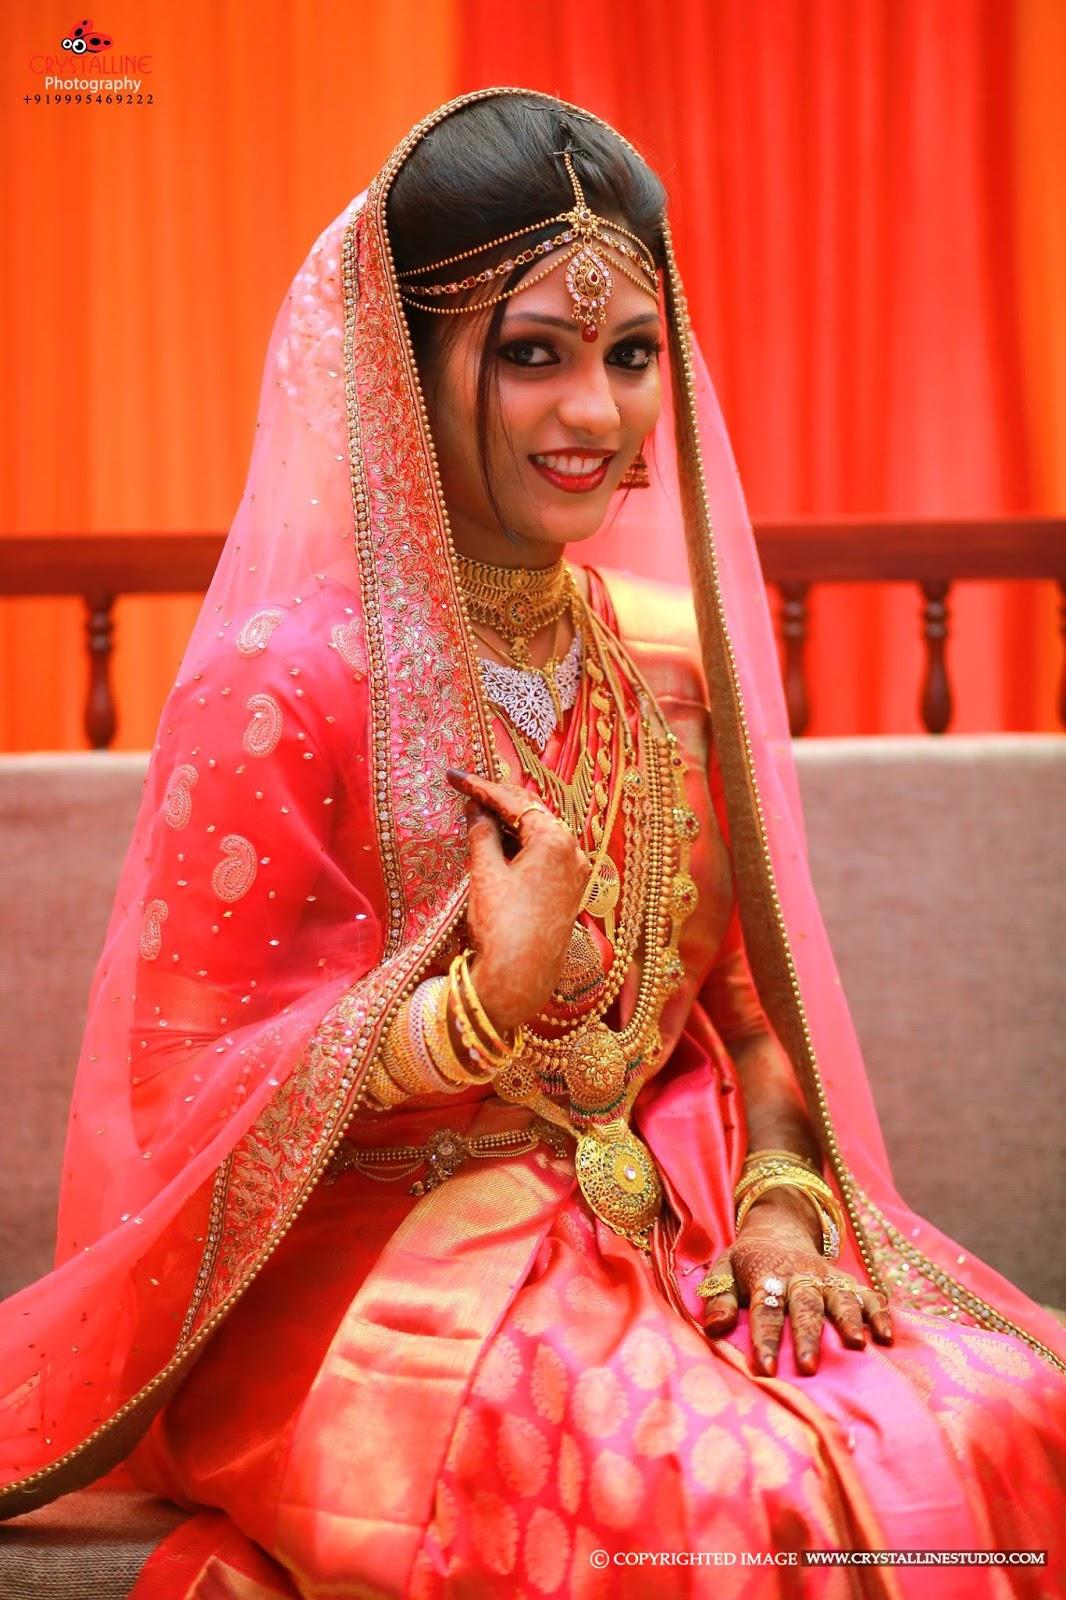 Crystalline Wedding Photography Crystalline Studio